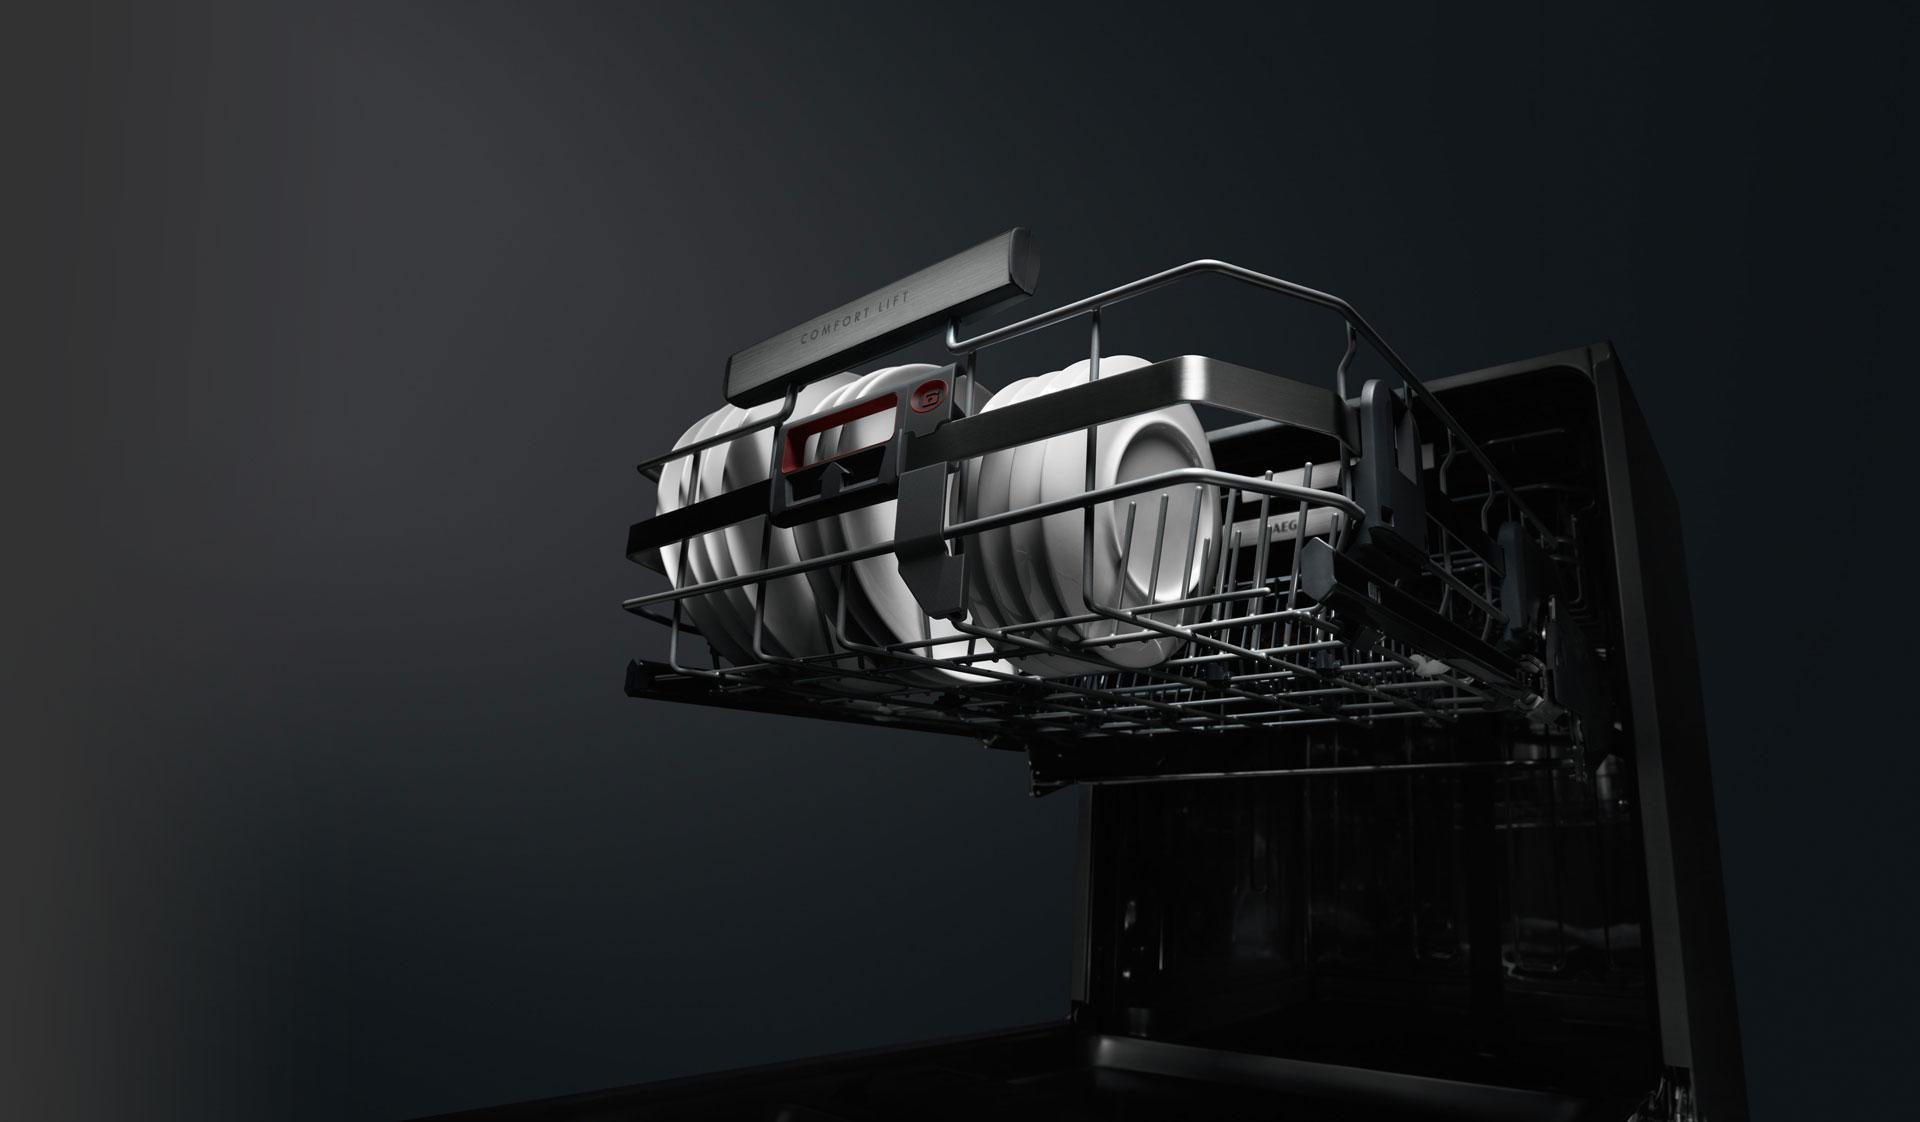 Aeg Kühlschrank Kundendienst : Winkelmann u2013 ihr hausgerÄte spezialist in erfurt und umgebung u2013 wir